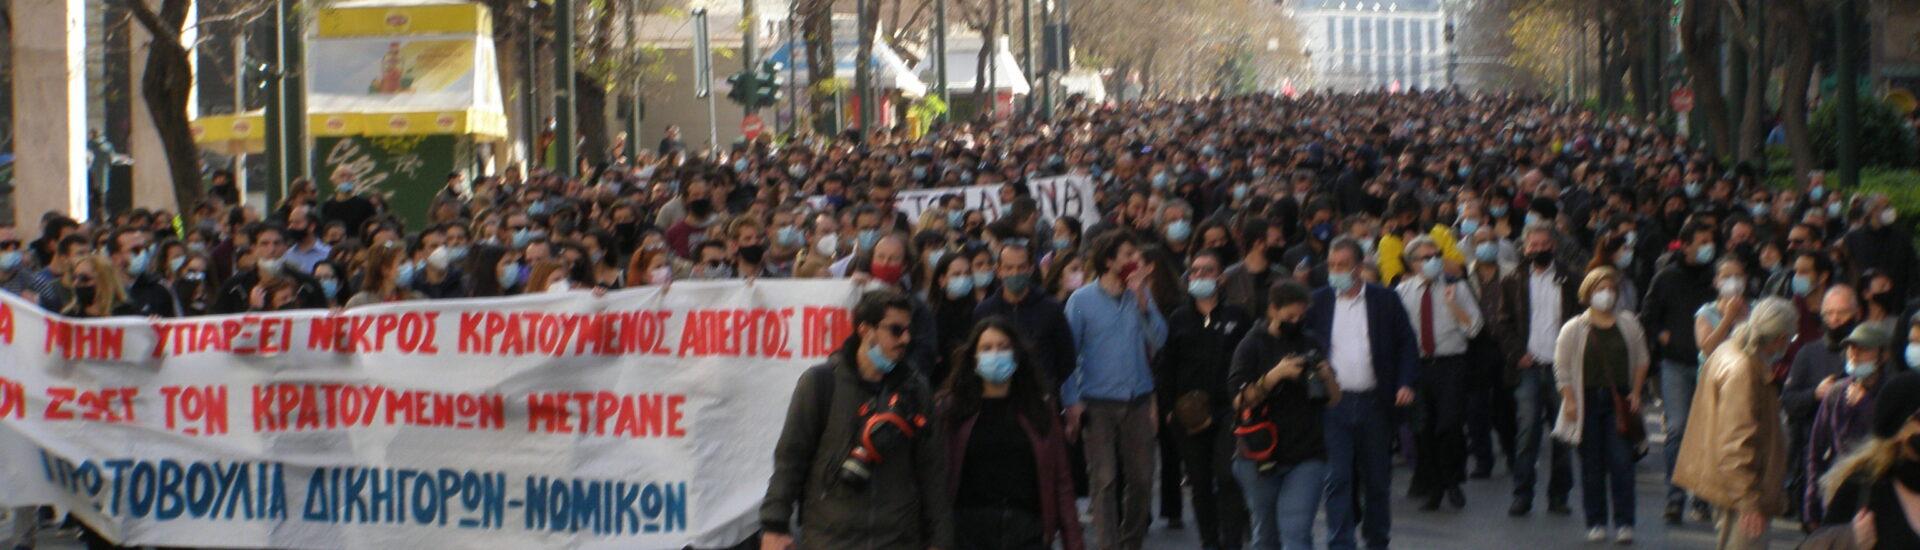 Χιλιάδες διαδηλωτές λένε όχι στη δολοφονία του Δημήτρη Κουφοντίνα